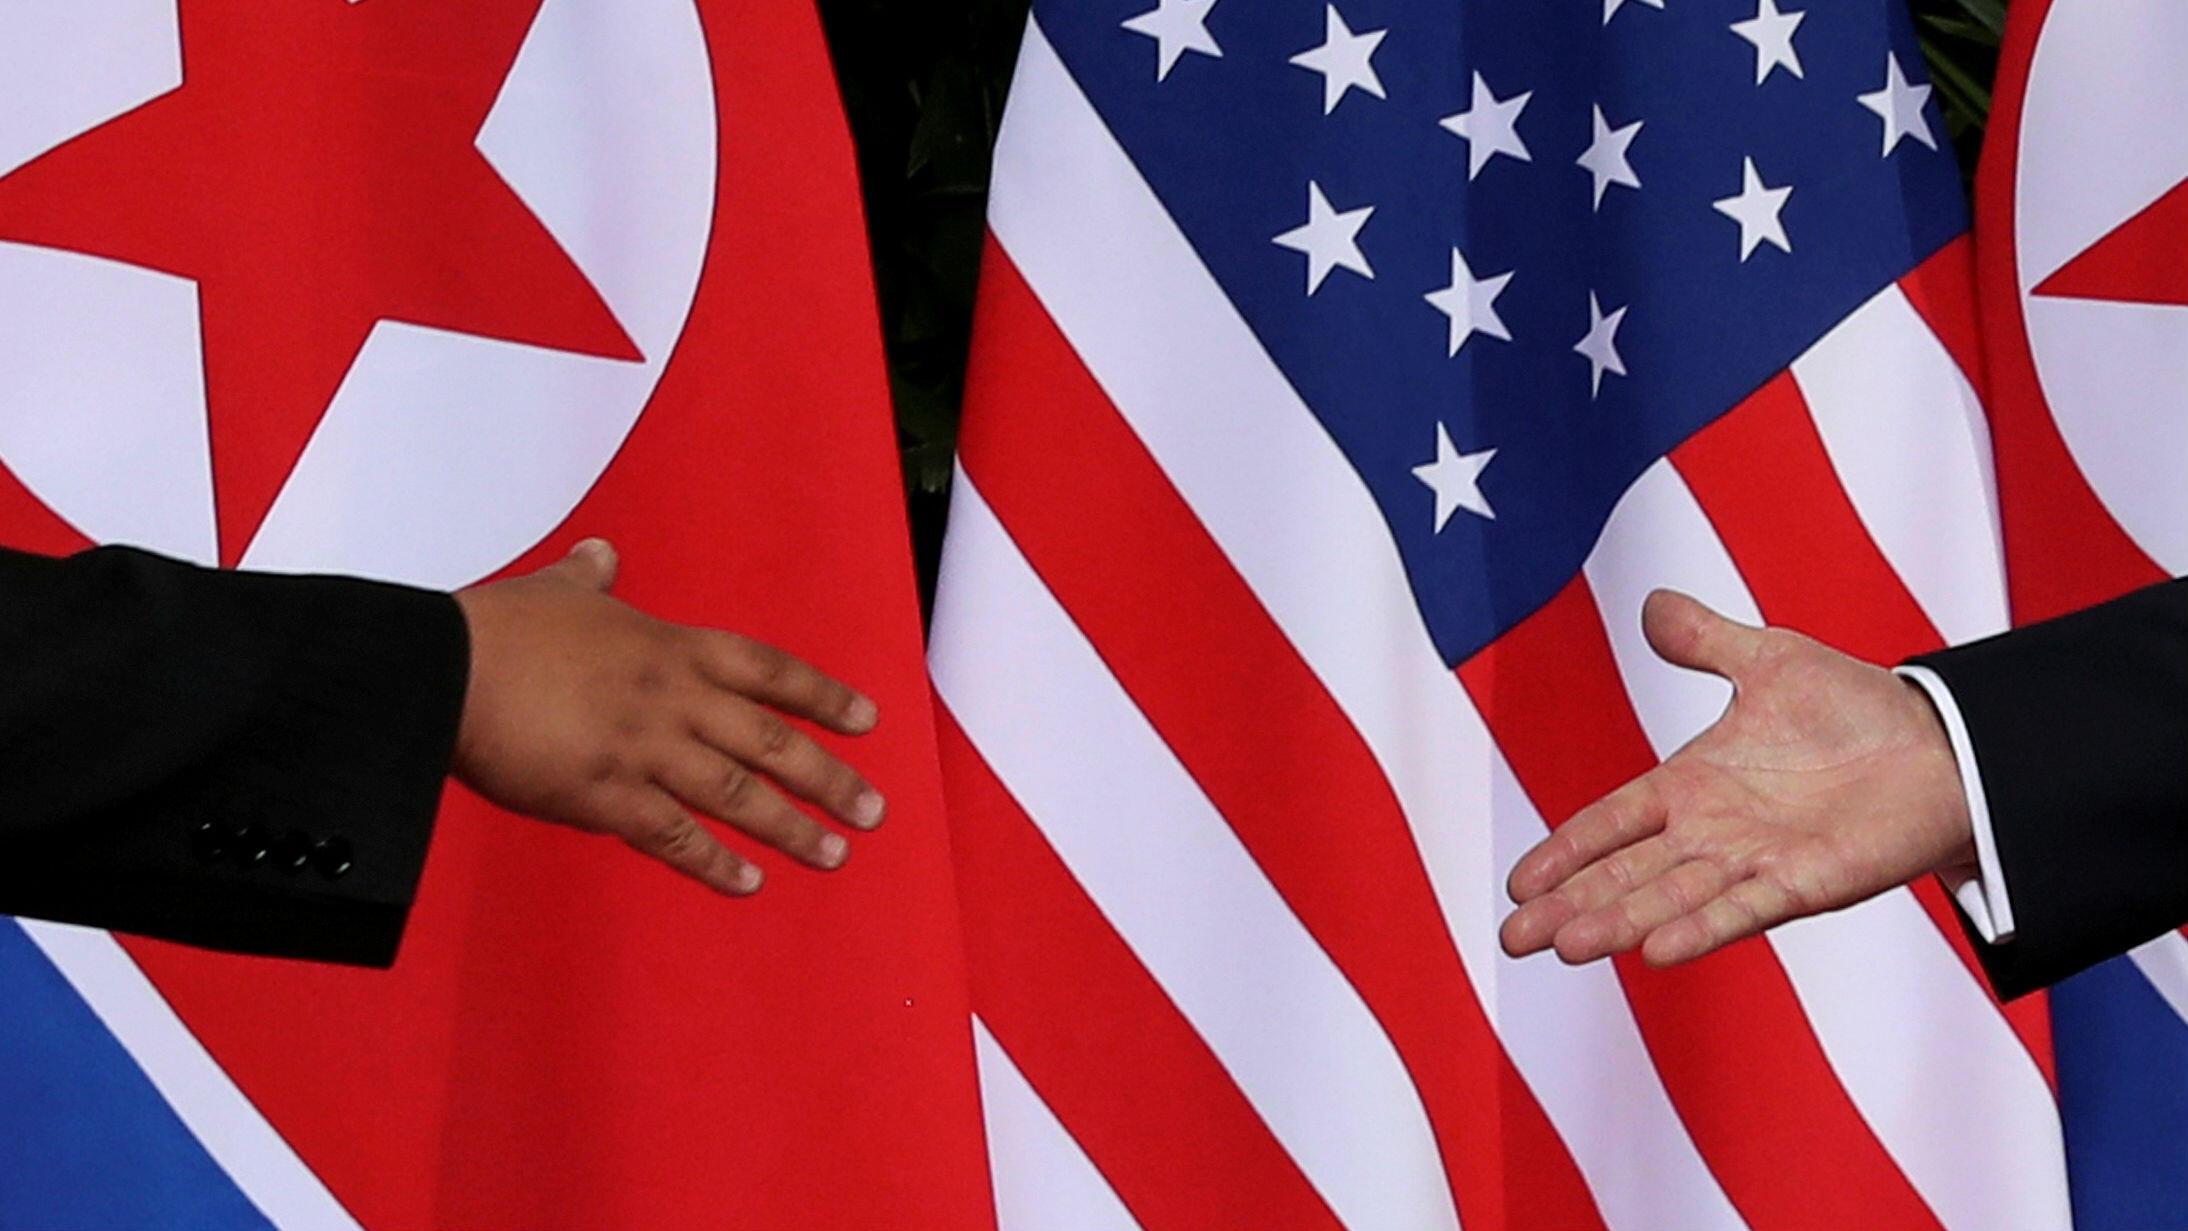 El líder de Corea del Norte, Kim Jong-un(izq), y el presidente de Estados Unidos, Donald Trump (der), estrechan la mano en su primera reunión en Sentosa, Singapur, el 12 de junio de 2018.